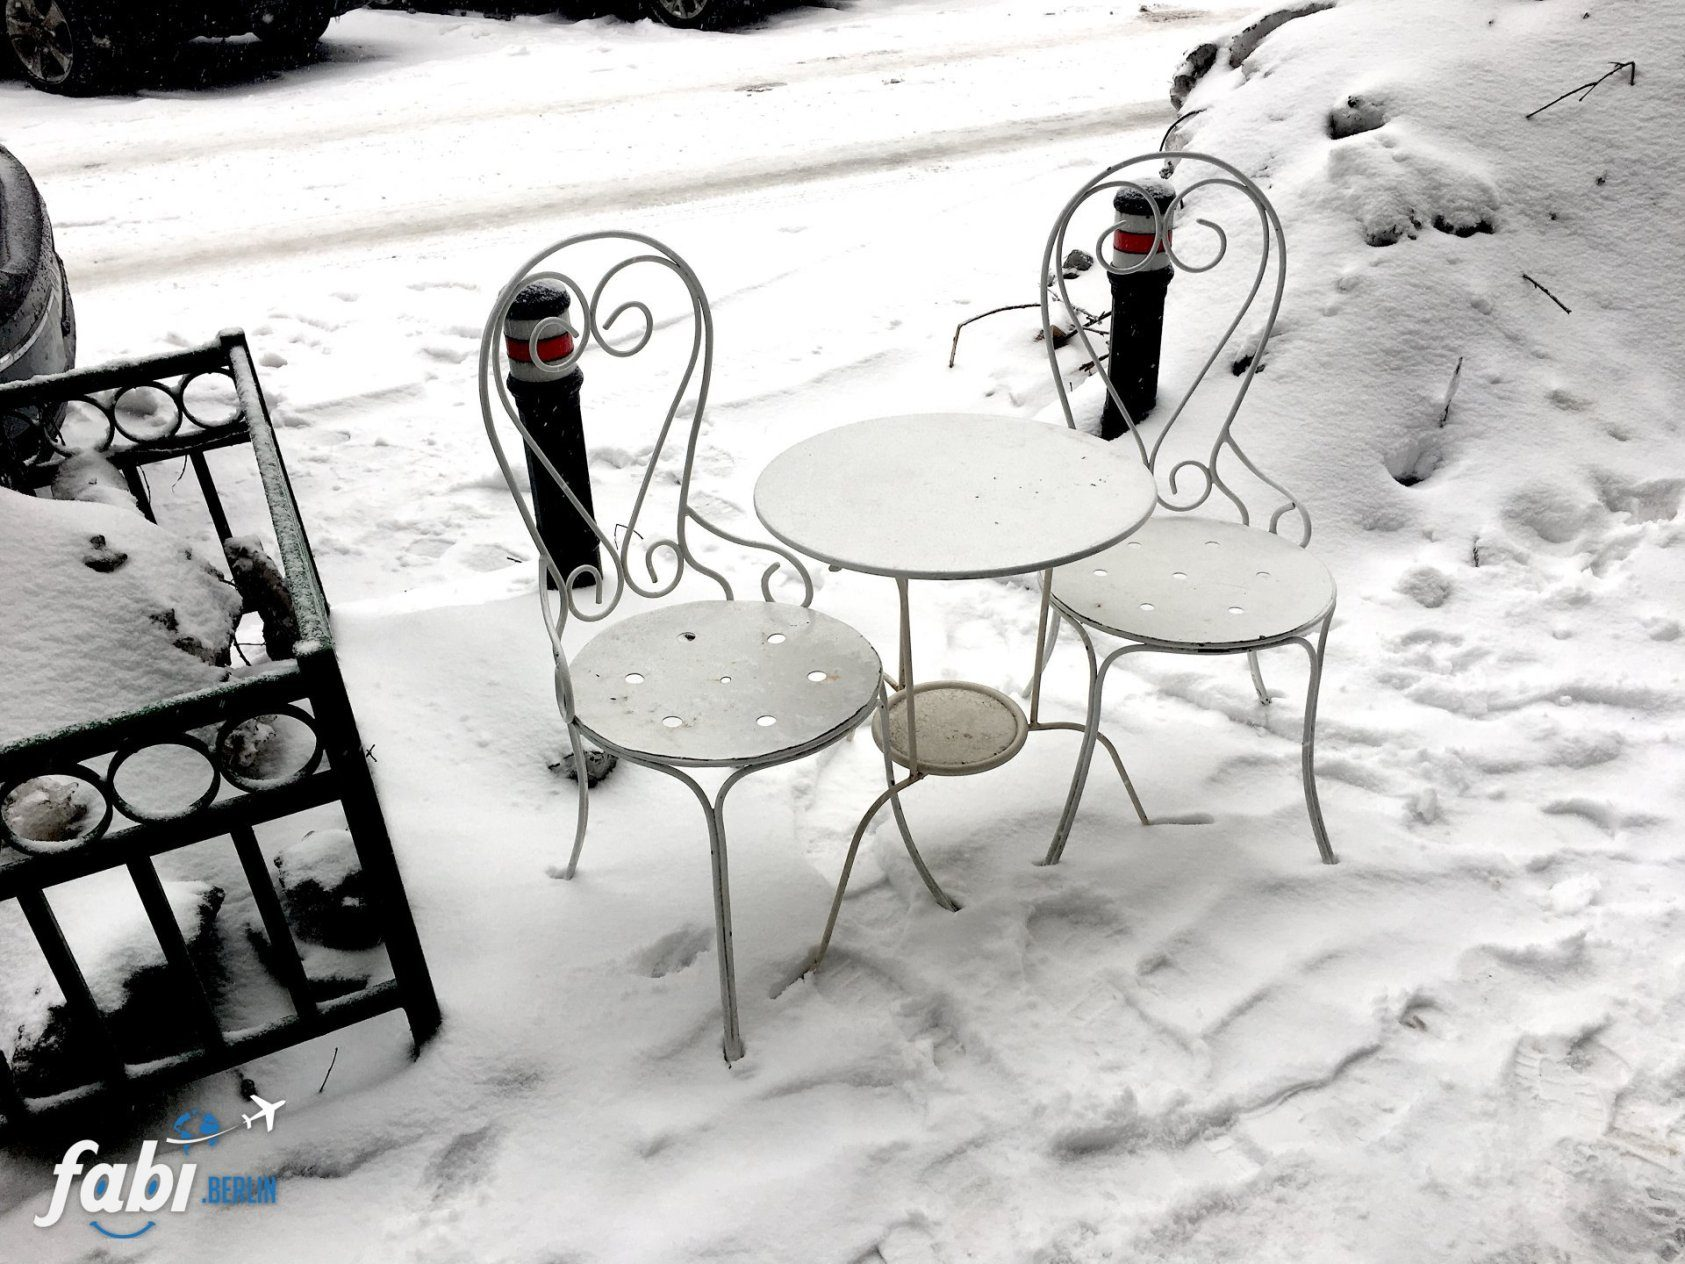 Winter in bucharest